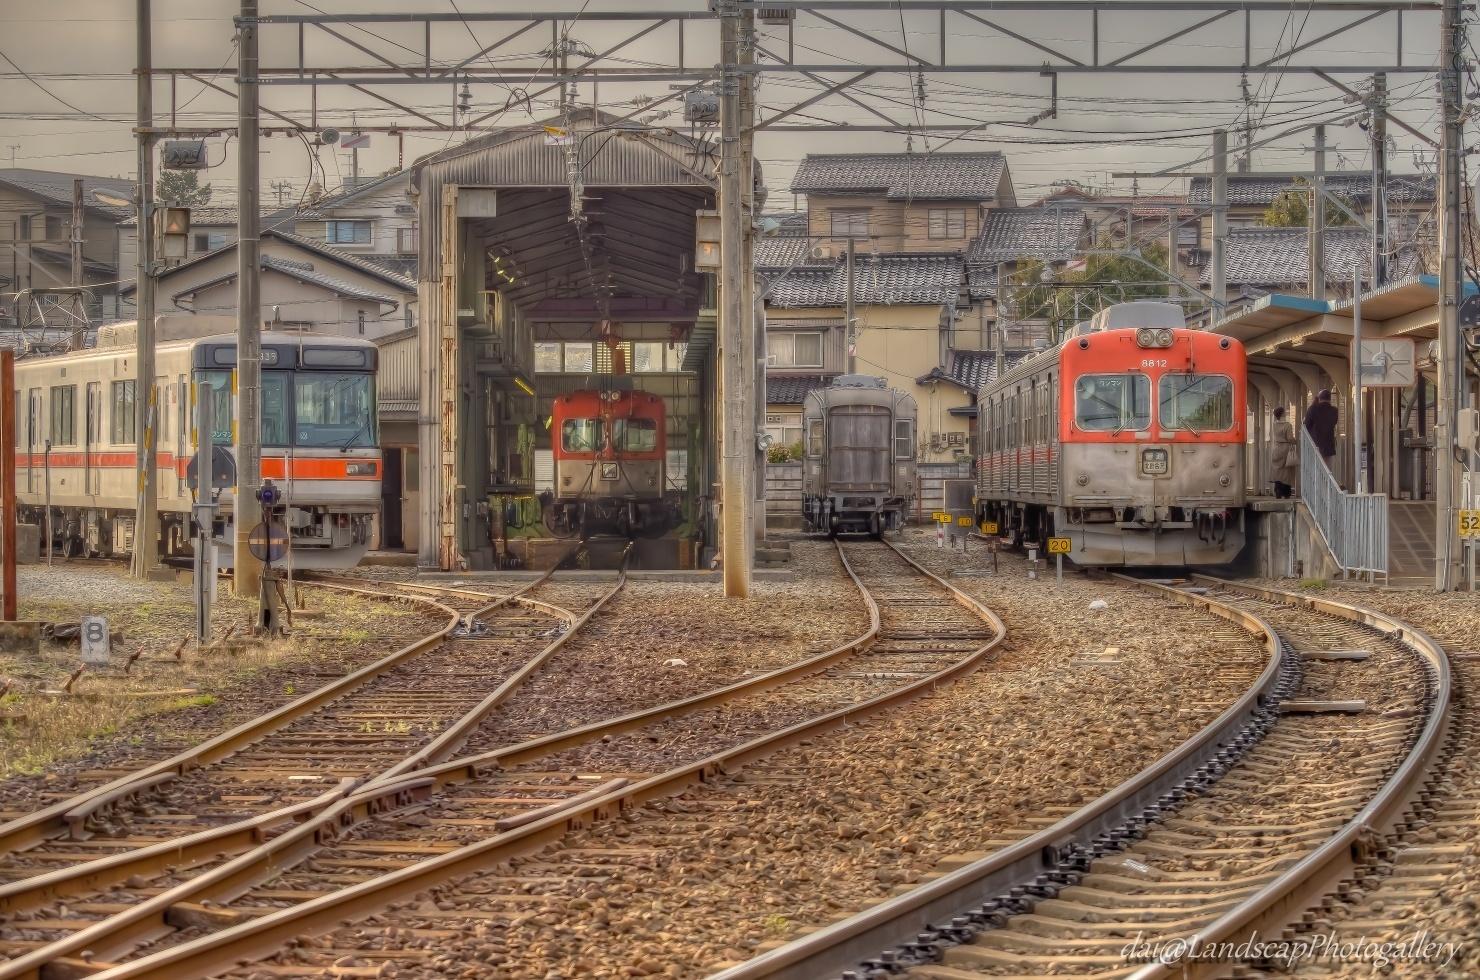 北陸鉄道浅野川線 内灘駅の風景【HDRi】